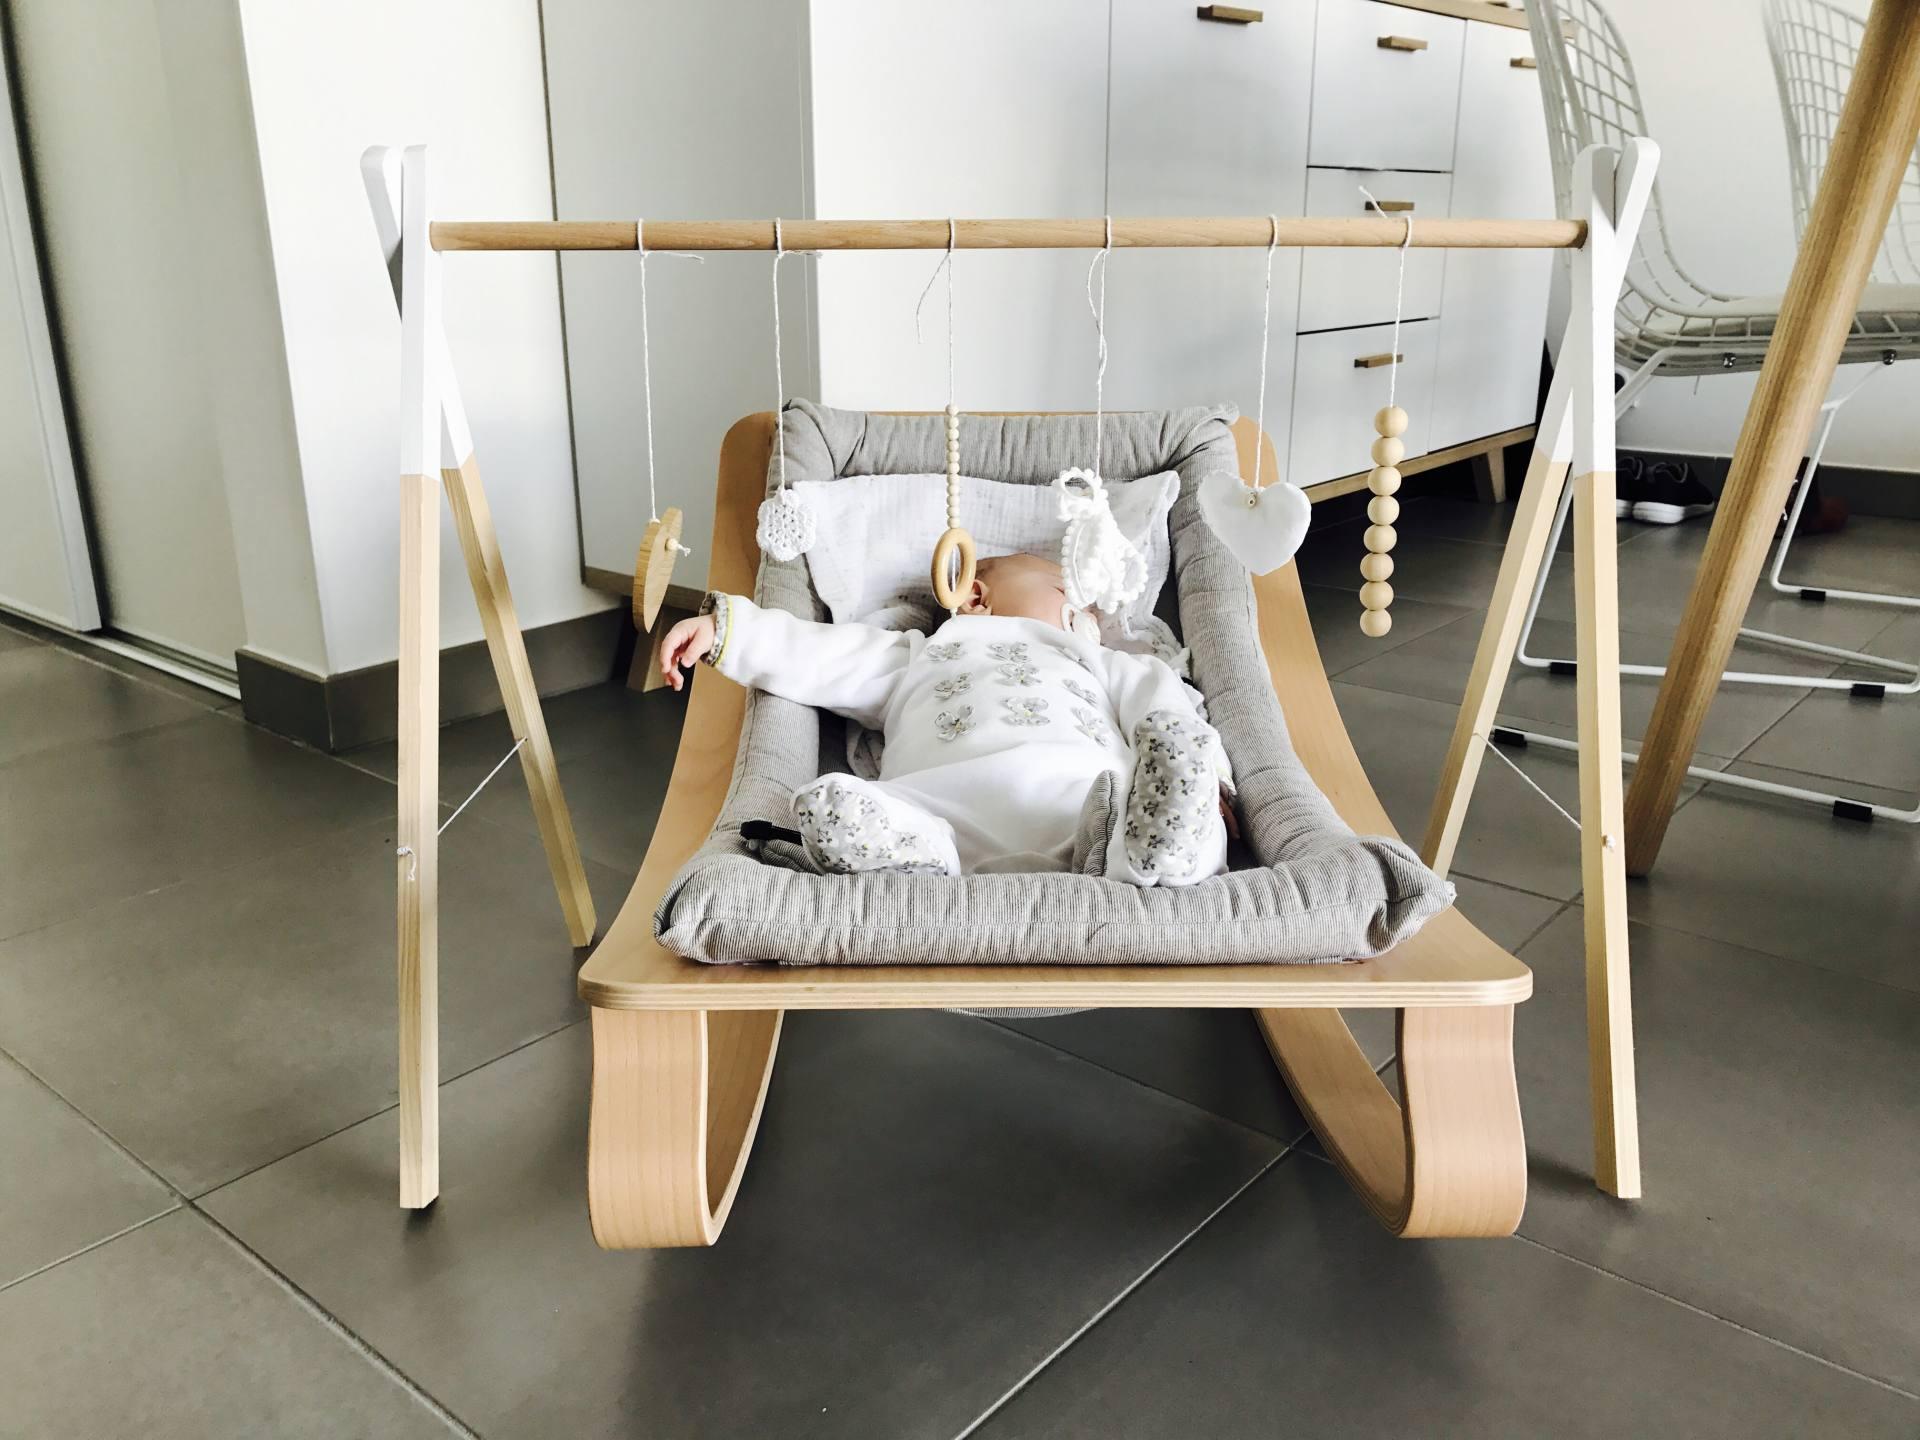 Couture Tapis De Sol Bébé un portique d'eveil scandinave a 30€ - juste maudinette